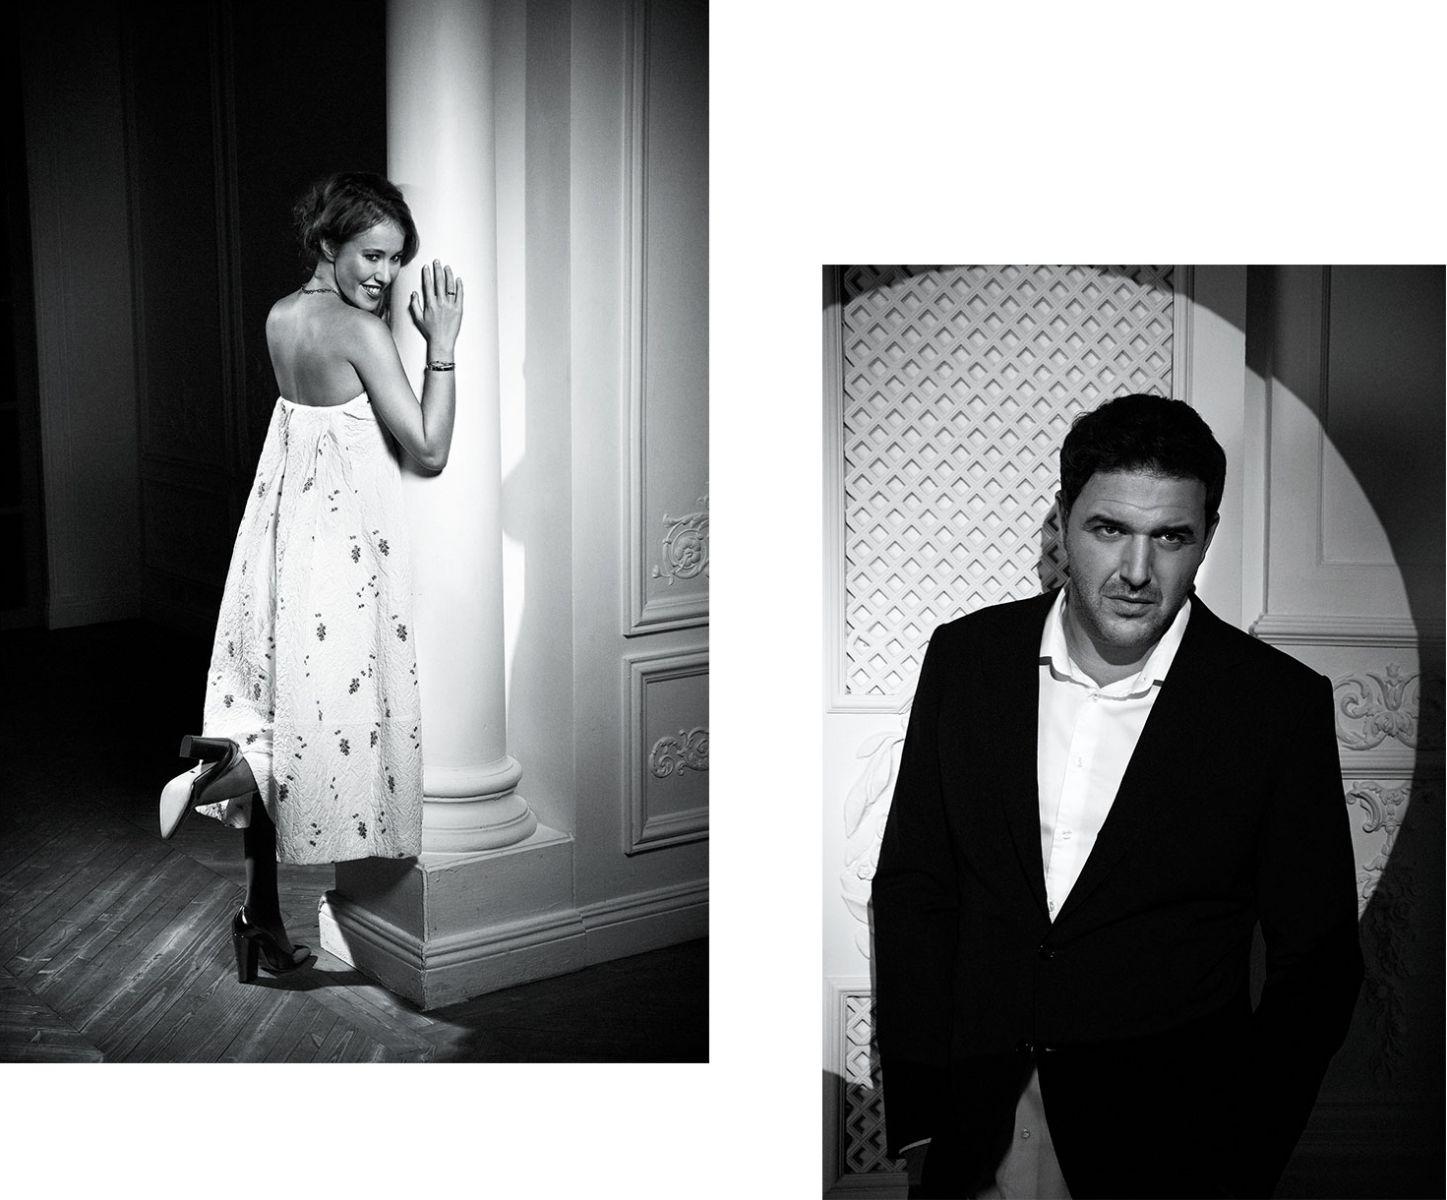 Ксения Собчак и Максим Виторган снялись в стильной фотосессии: история знакомства пары - фото №6